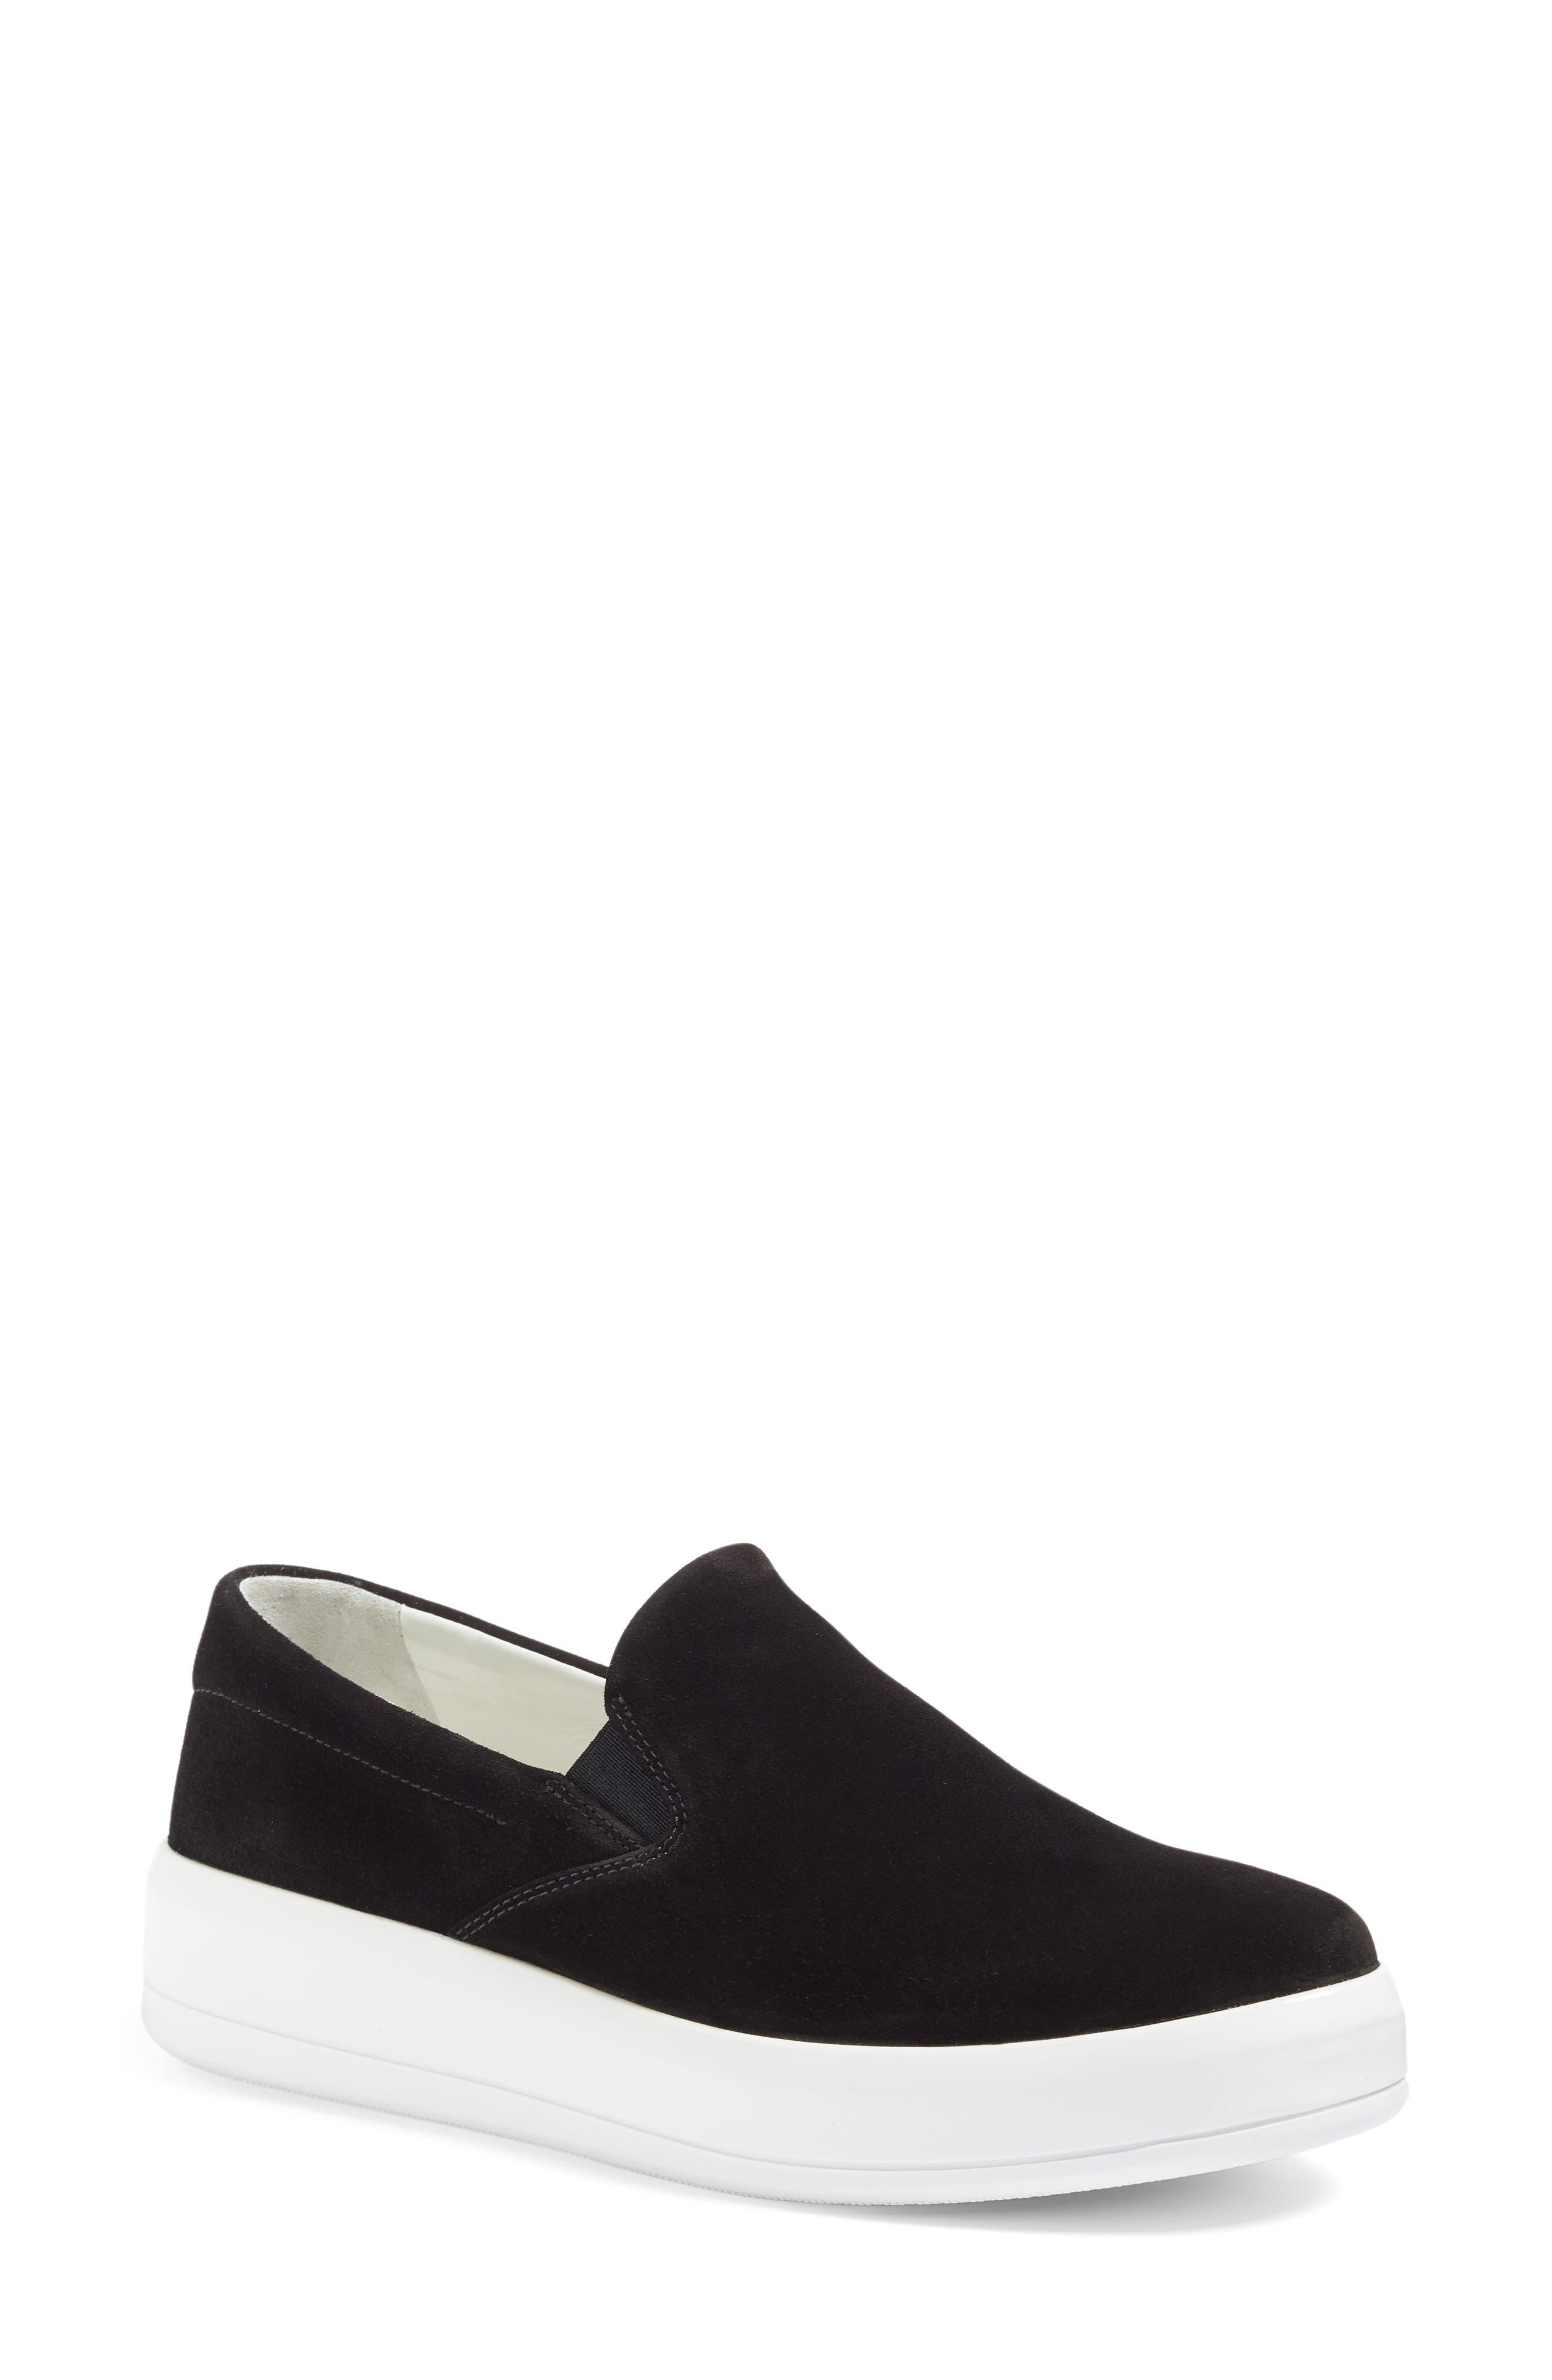 Prada Slip-On Sneaker (Women)